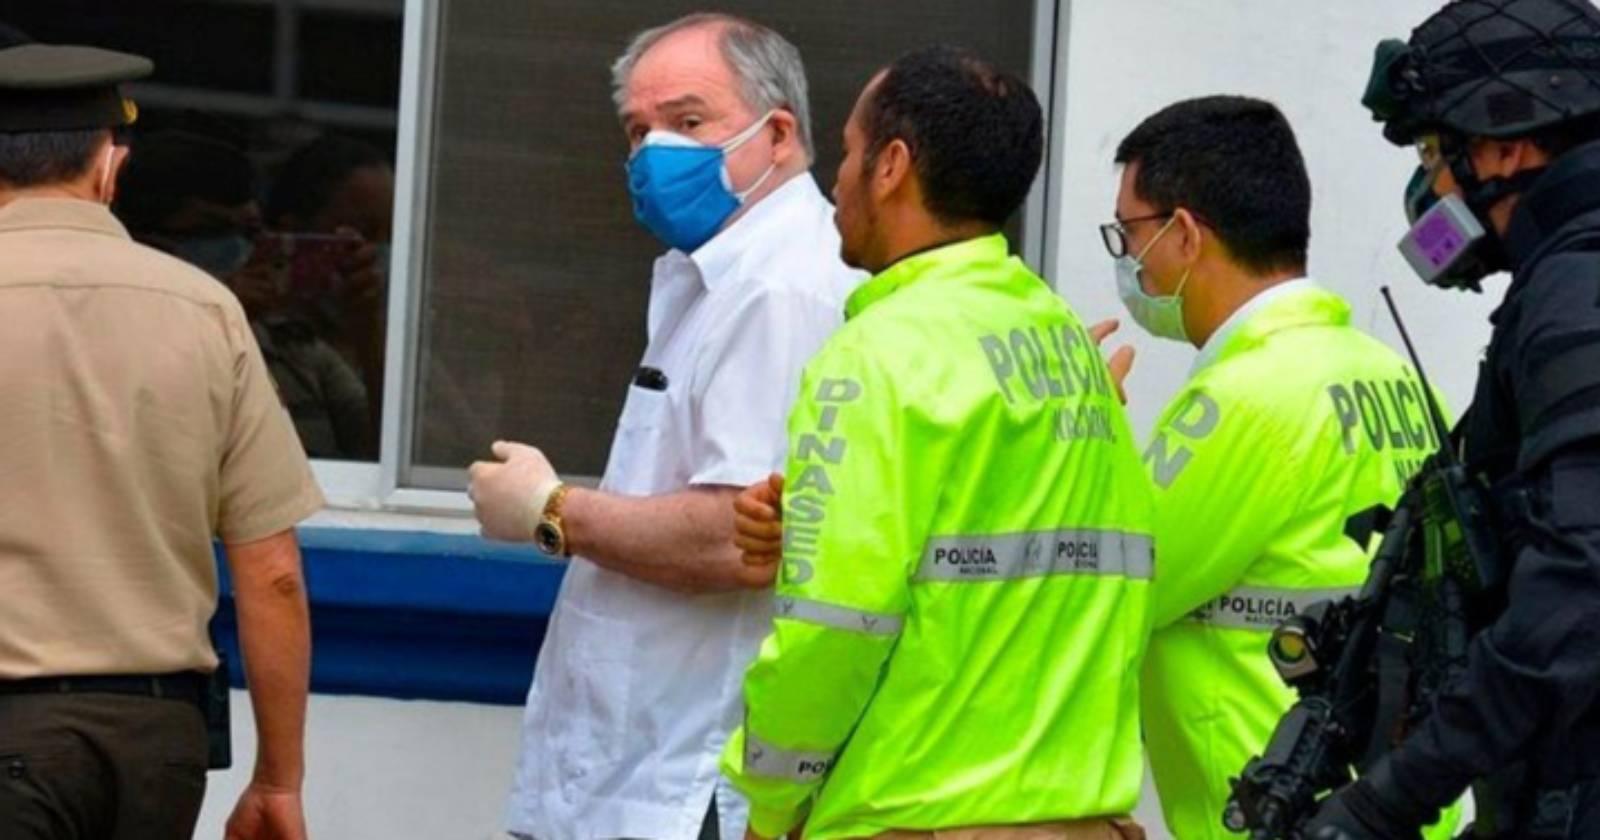 Detienen a ex Presidente de Ecuador Abdalá Bucaram por crimen organizado